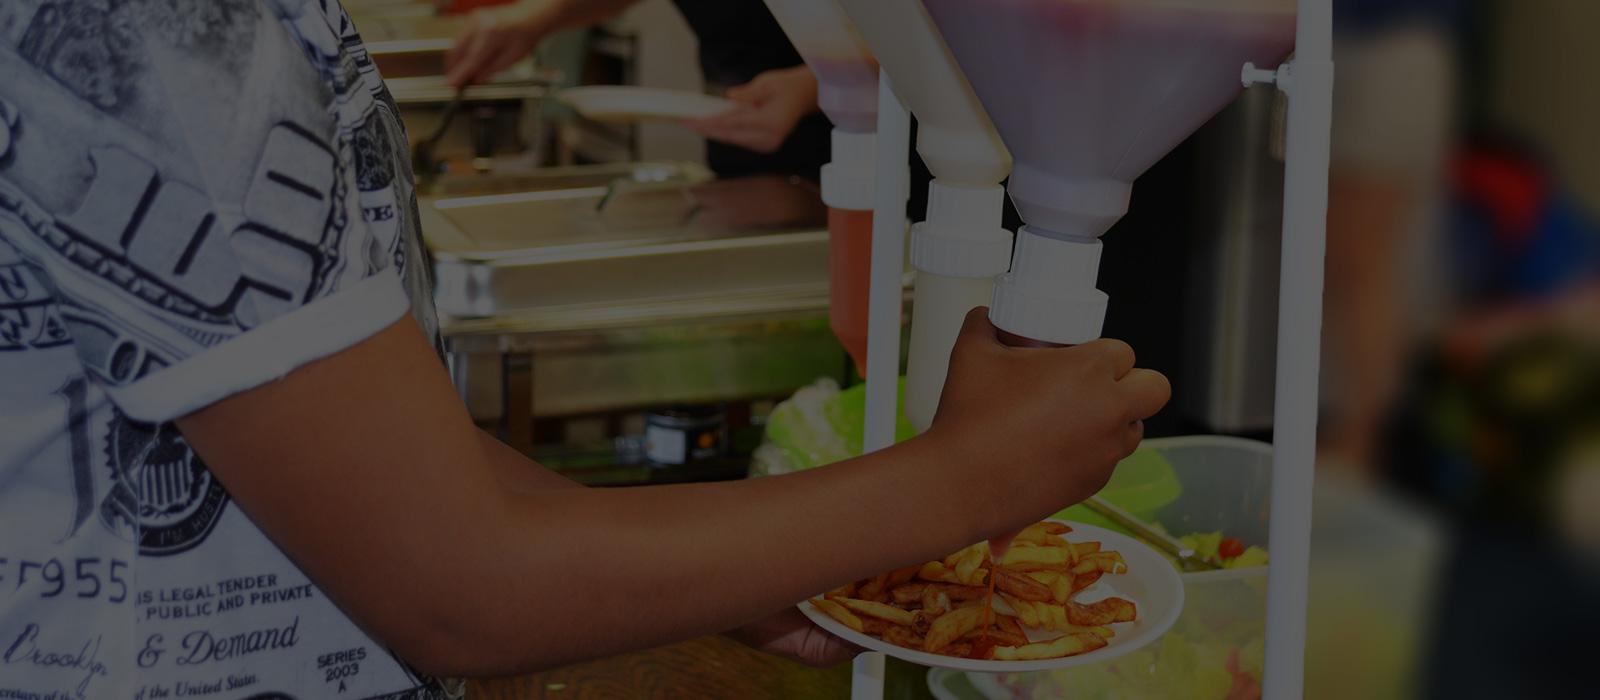 sauce-dispensing dispenser